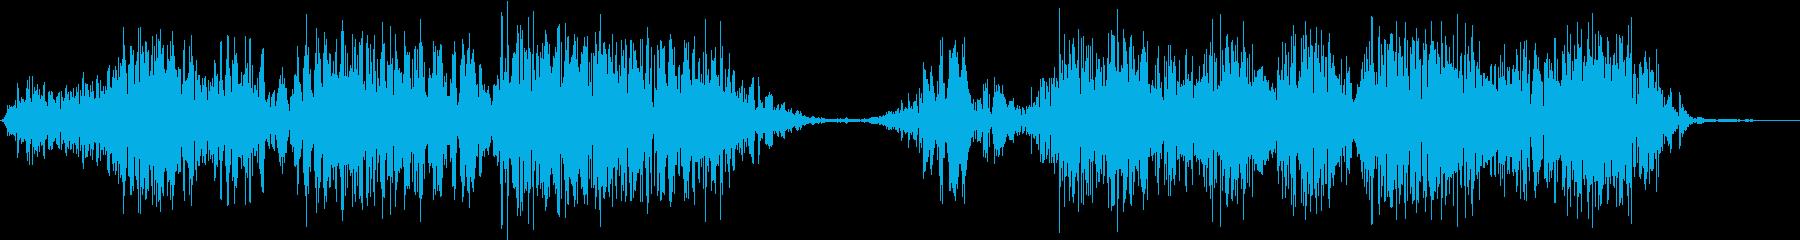 モンスター 怒り 03の再生済みの波形